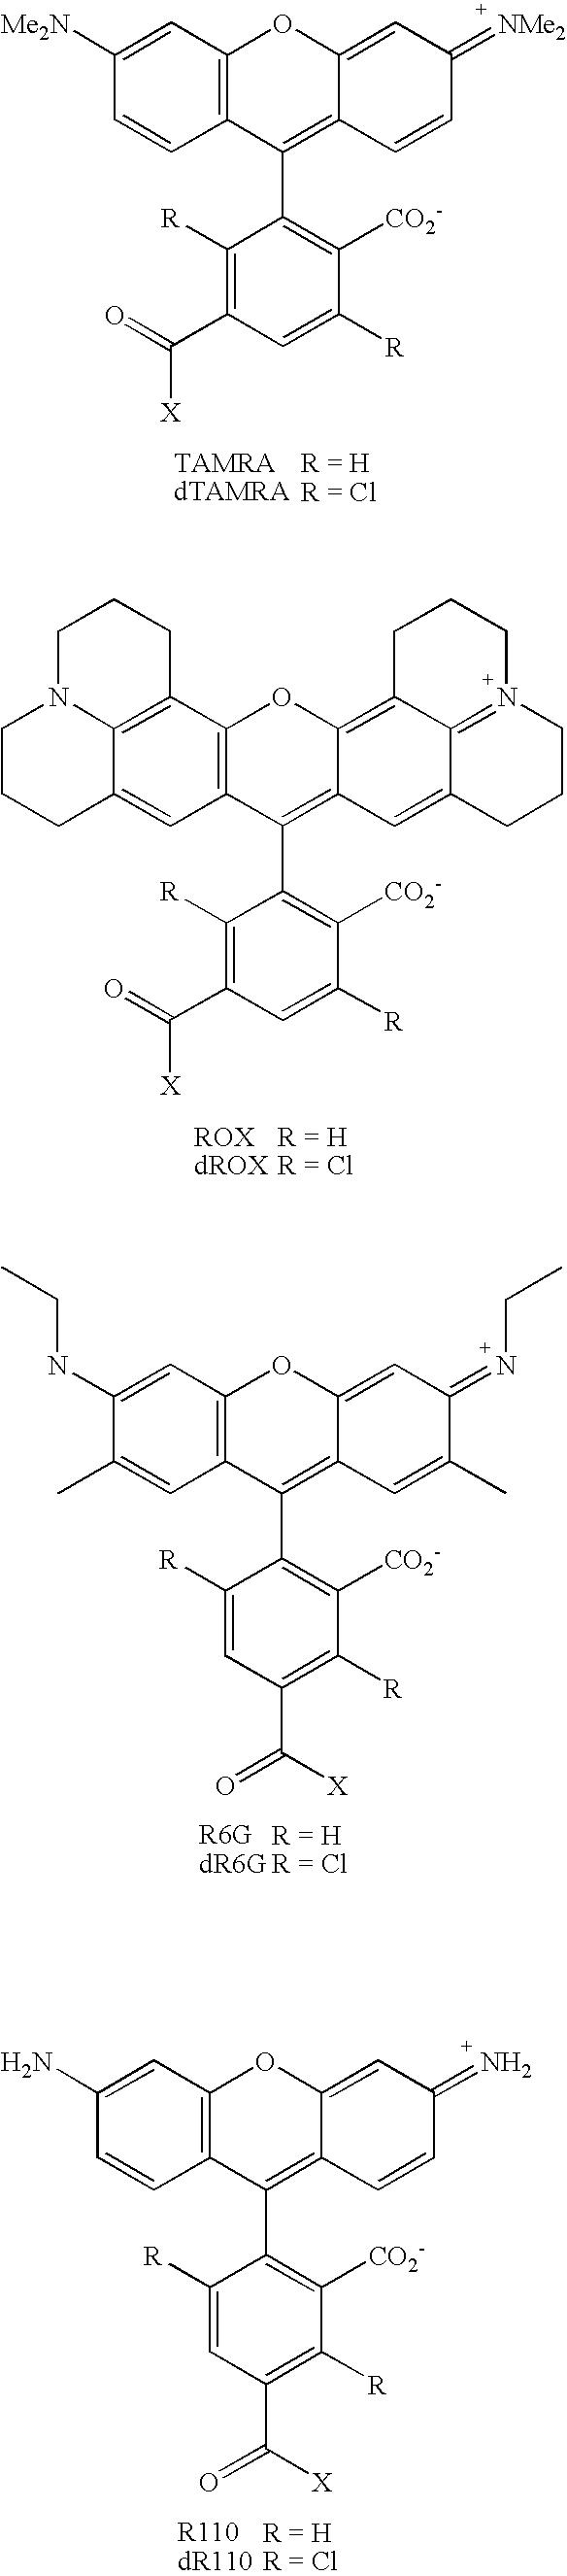 Figure US07678892-20100316-C00005